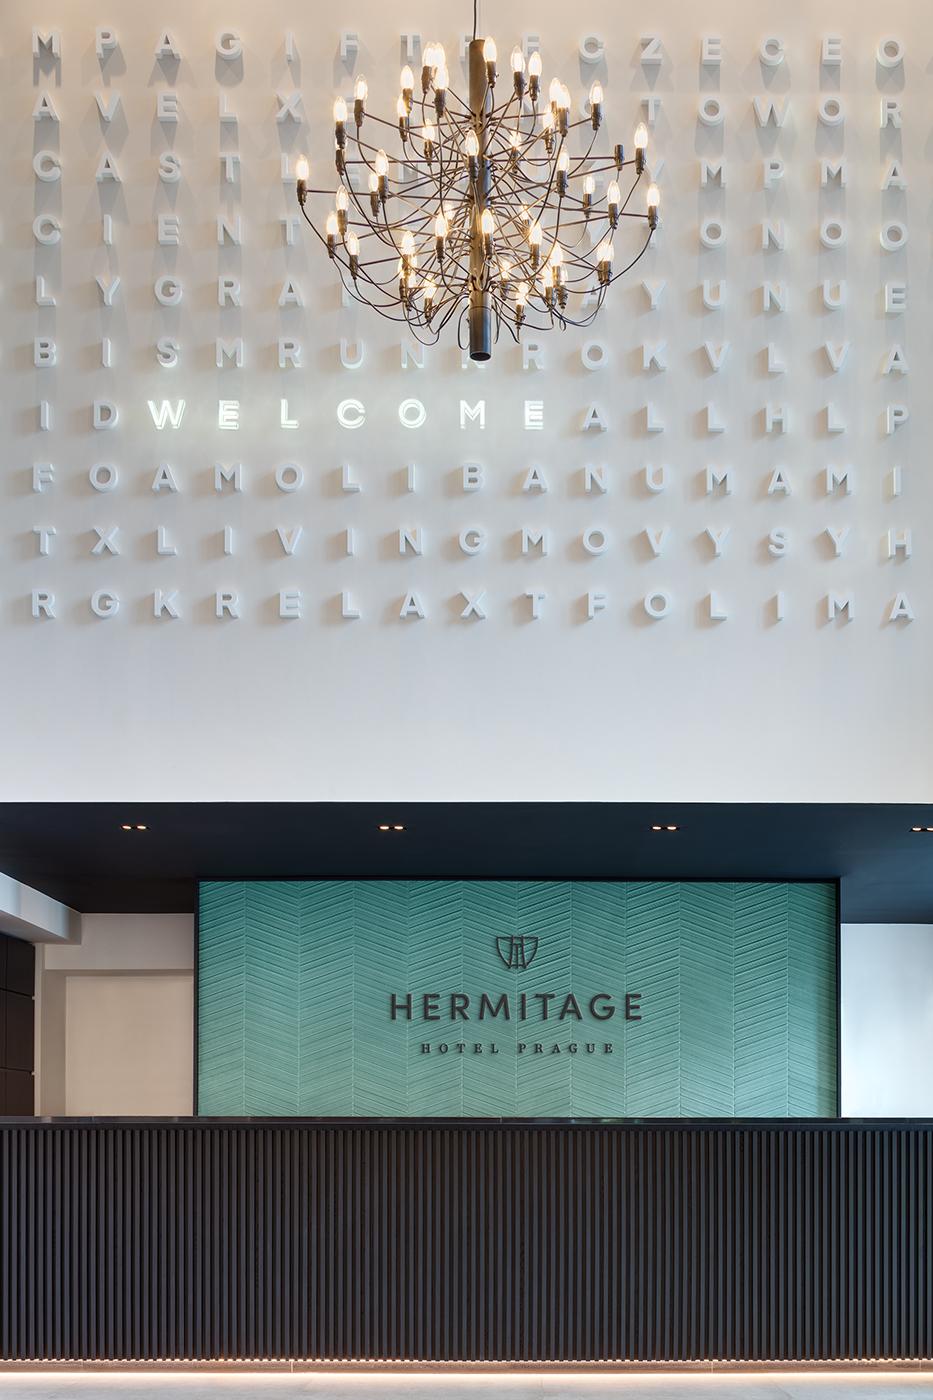 Hotel Hermitage Hotel Prague, Reception